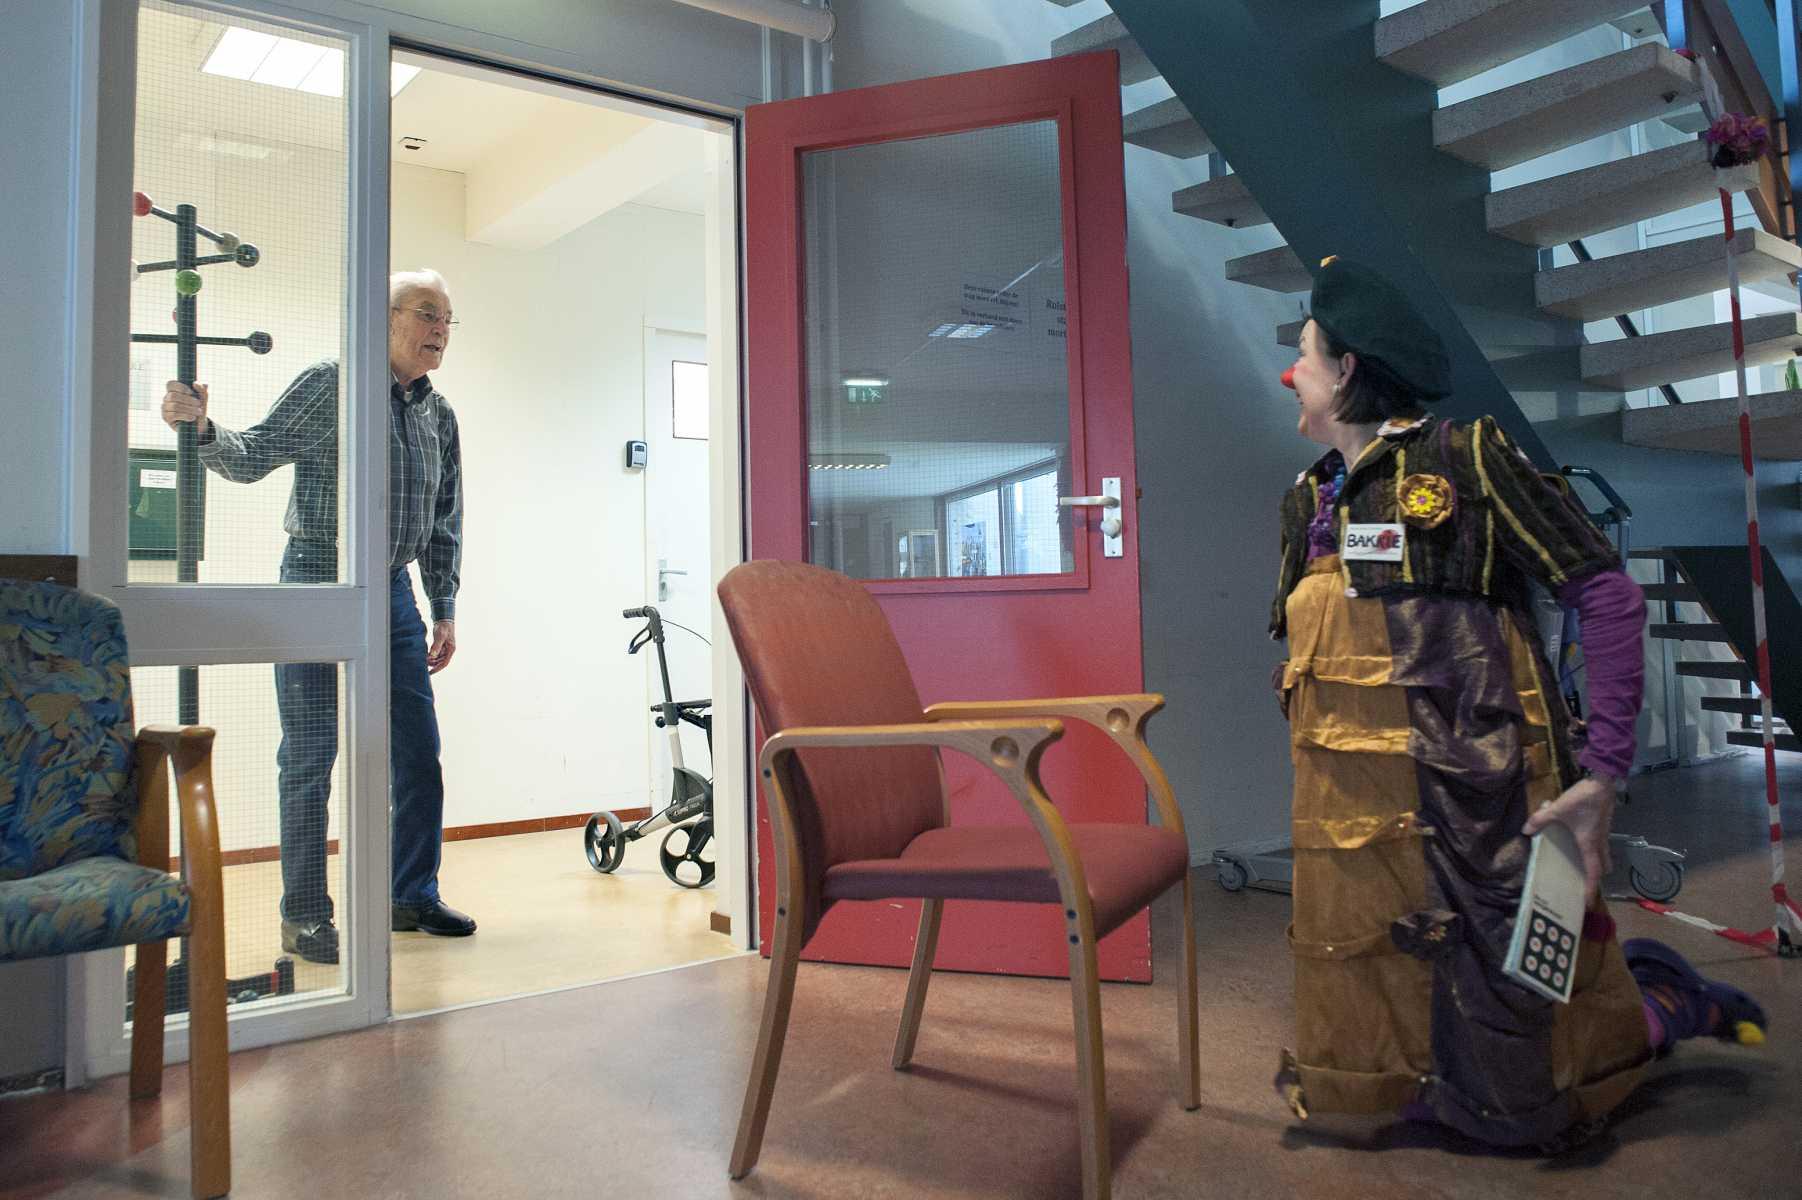 mimakker Bakkie ontmoet man in gang www.neusvoorcontact.nl